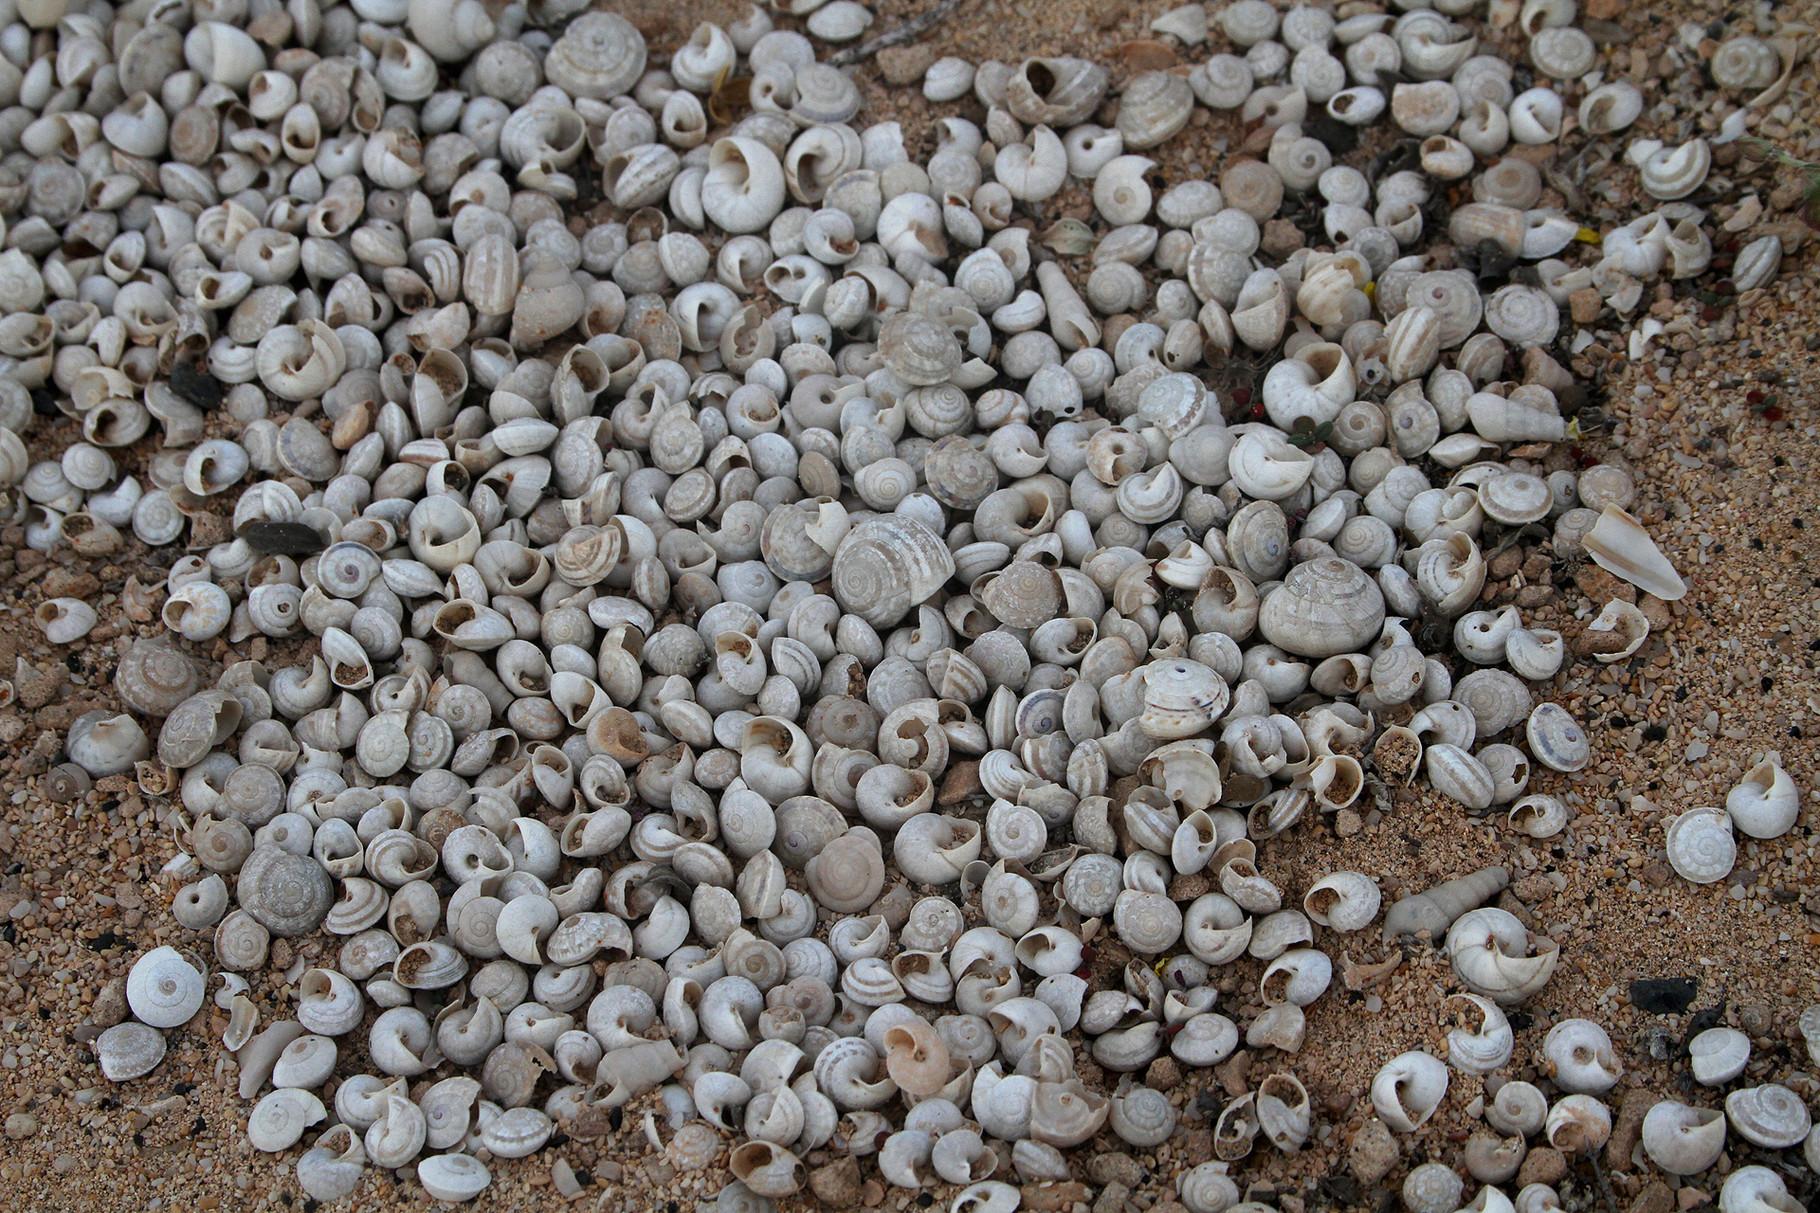 Immer wieder trifft man auf eigenartige Ansammlungen von Schneckenhäuschen auf dem Sand